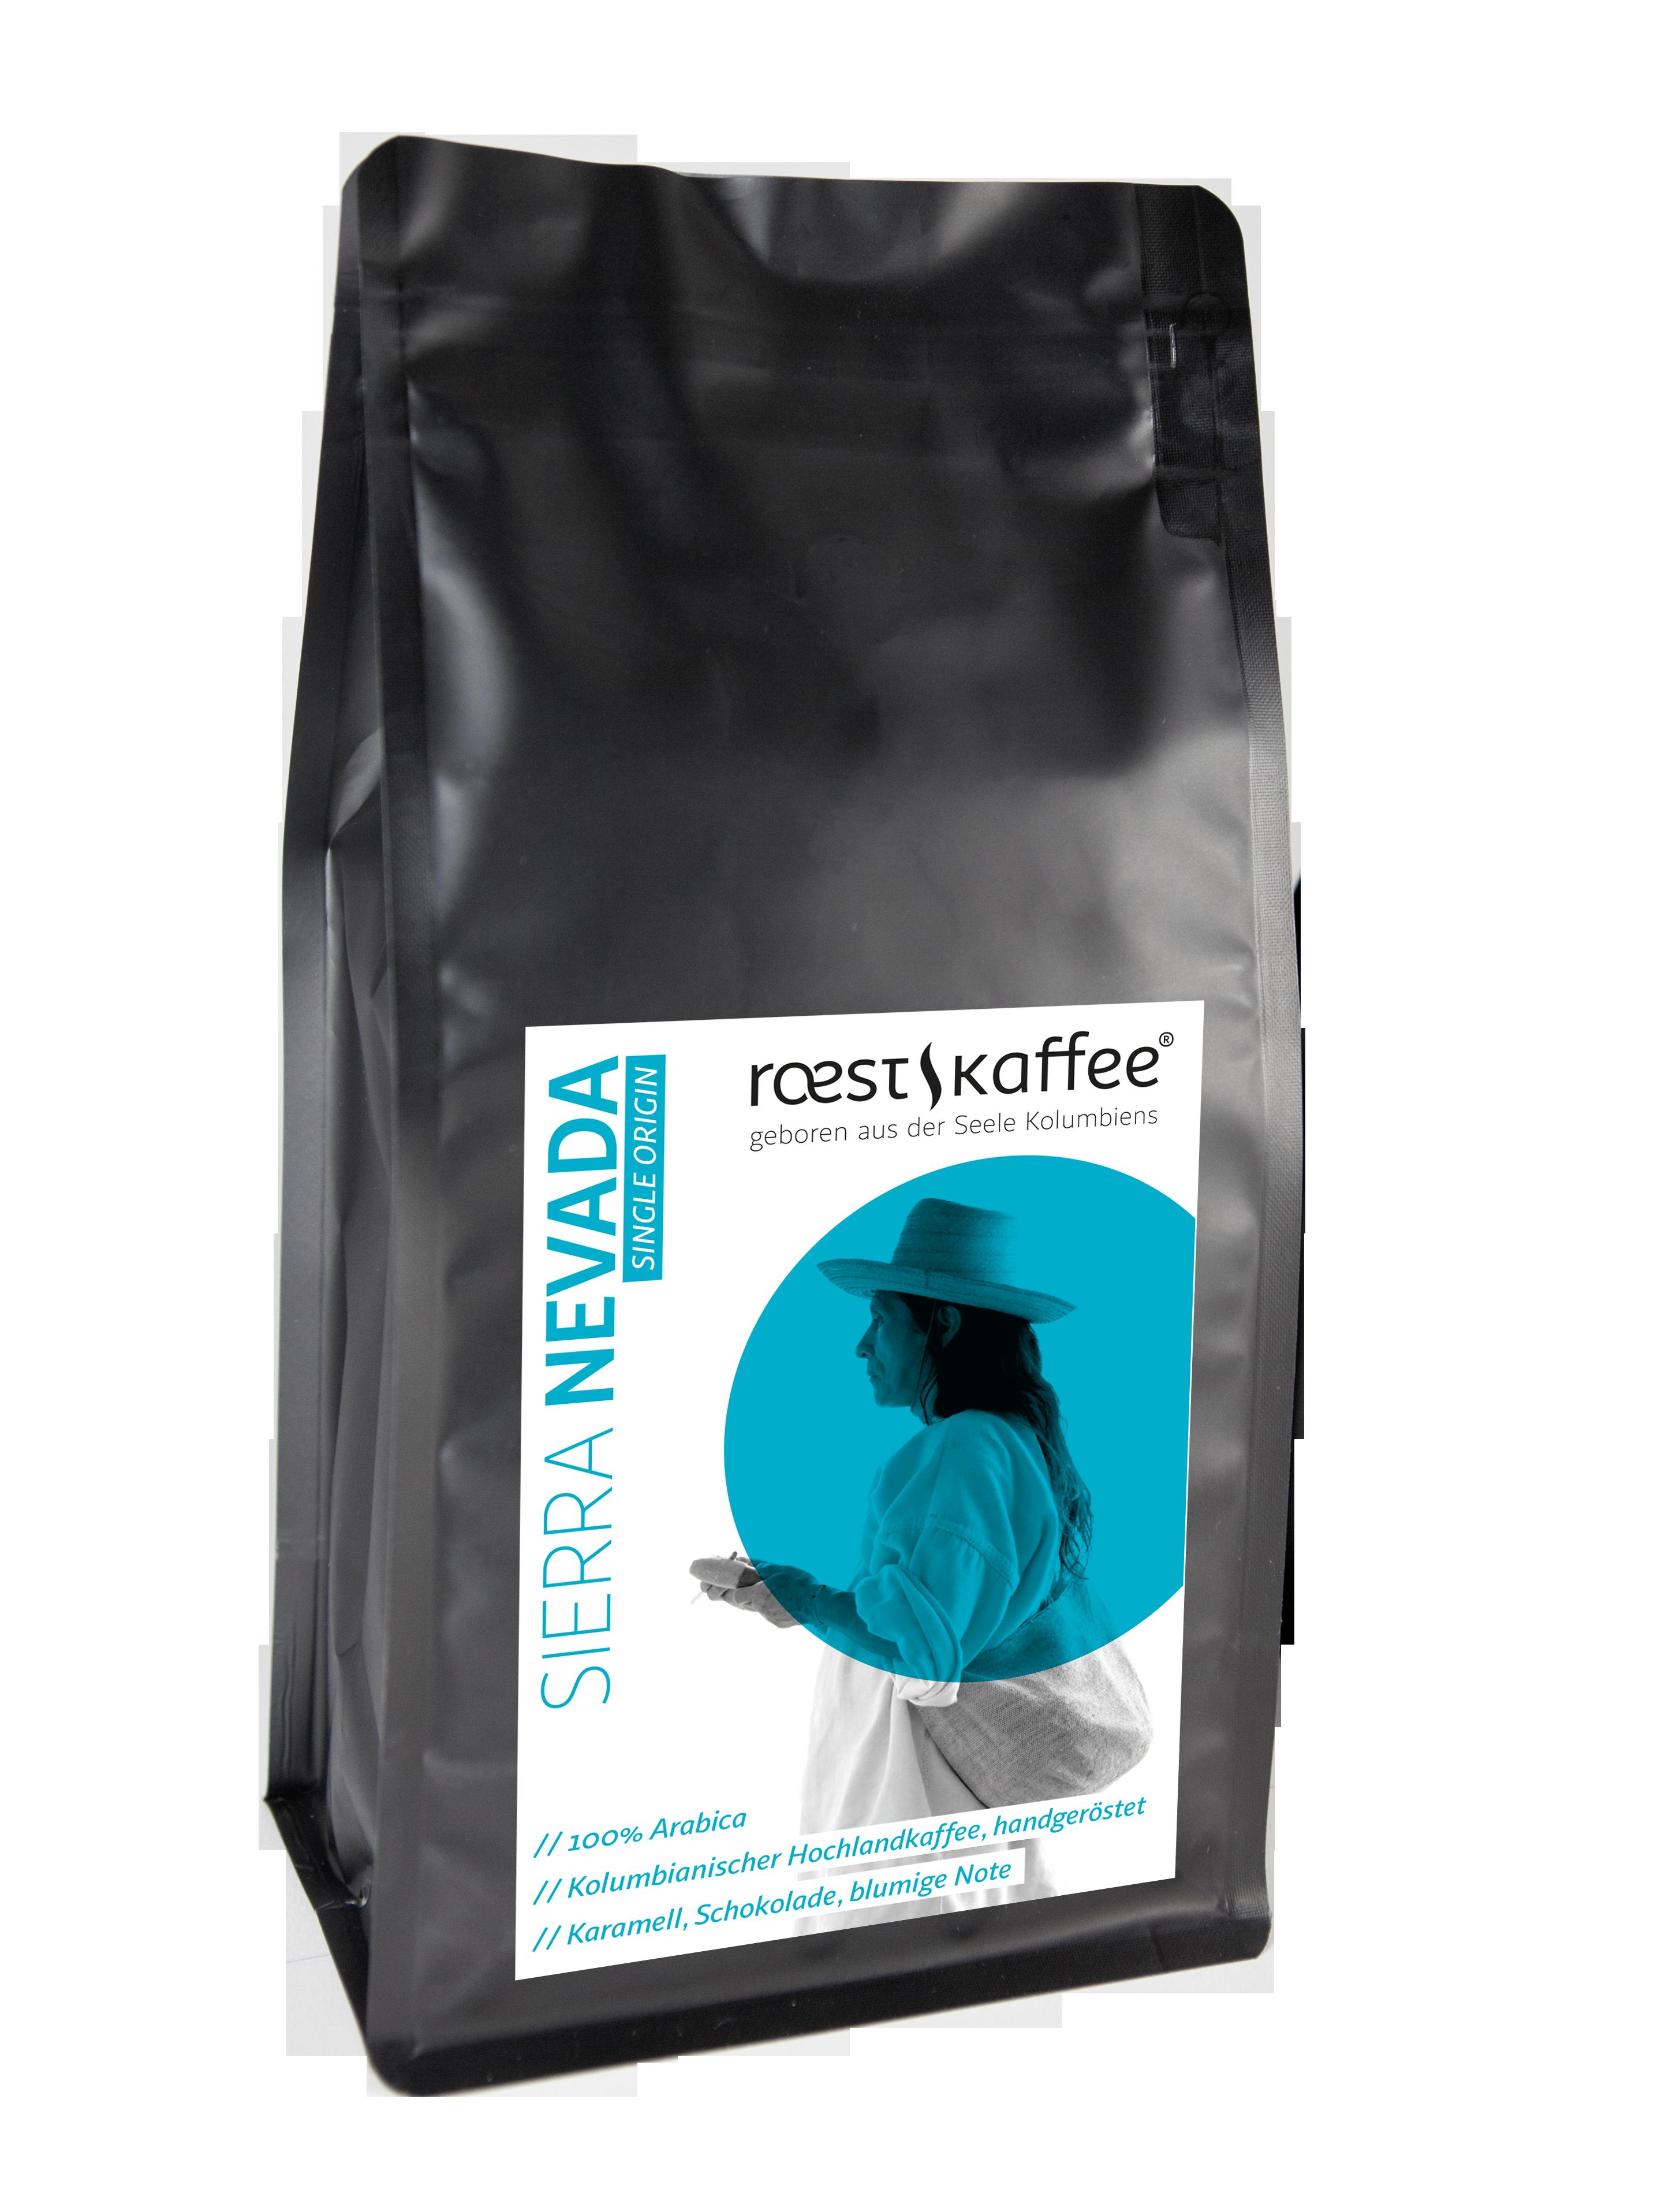 Sierra-Nevada-kolumbien-kaffee-single-origin